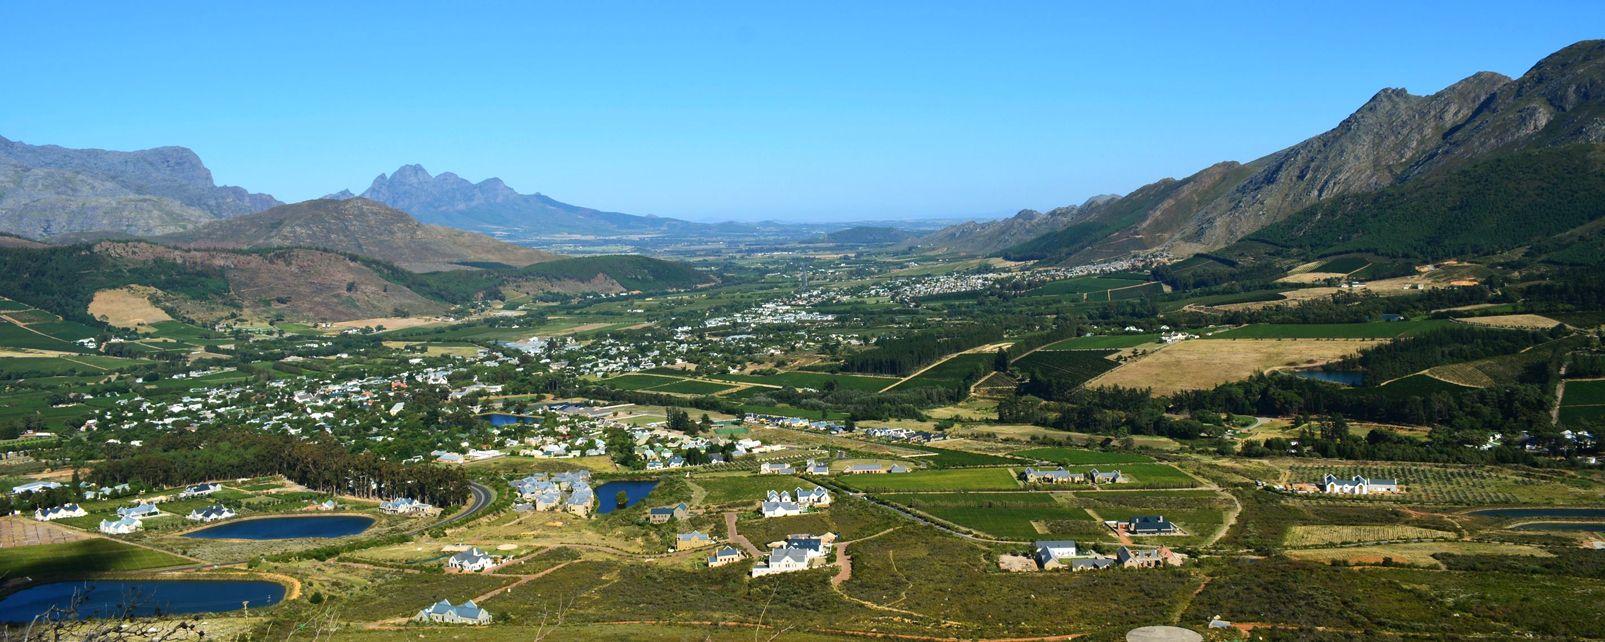 La route des vins, franschhoek, vin, vignoble, agriculture, afrique, afrique du sud